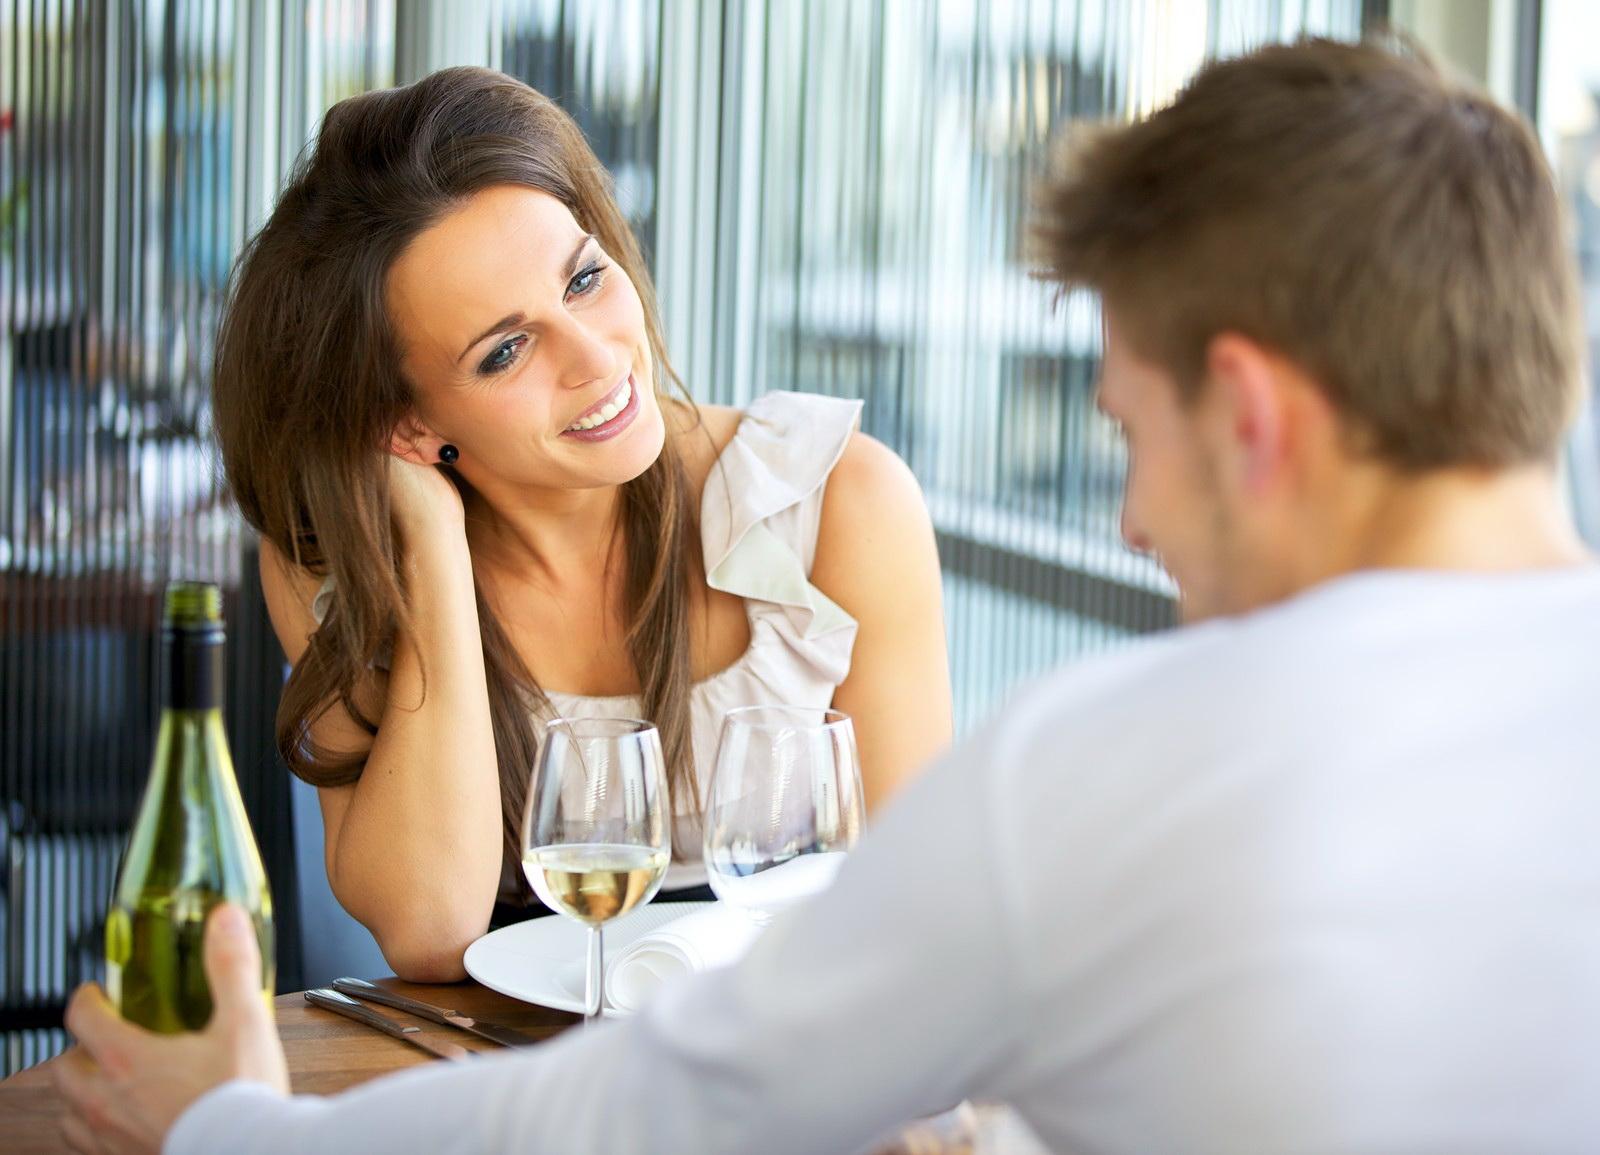 как поддержать разговор после знакомства с девушкой